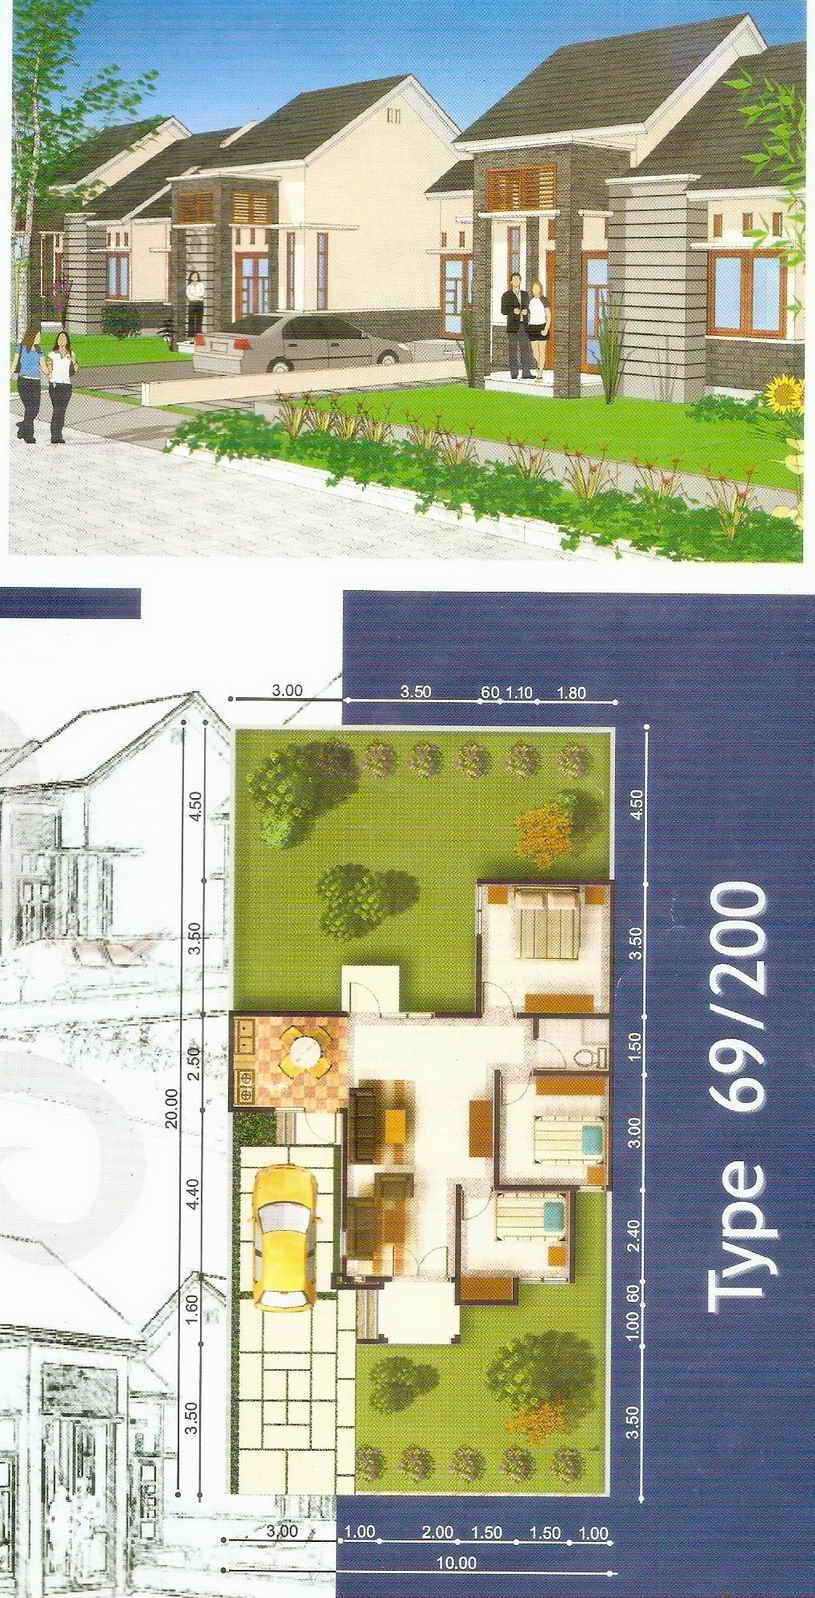 rumahku 1 denah desain rumah minimalis type 69